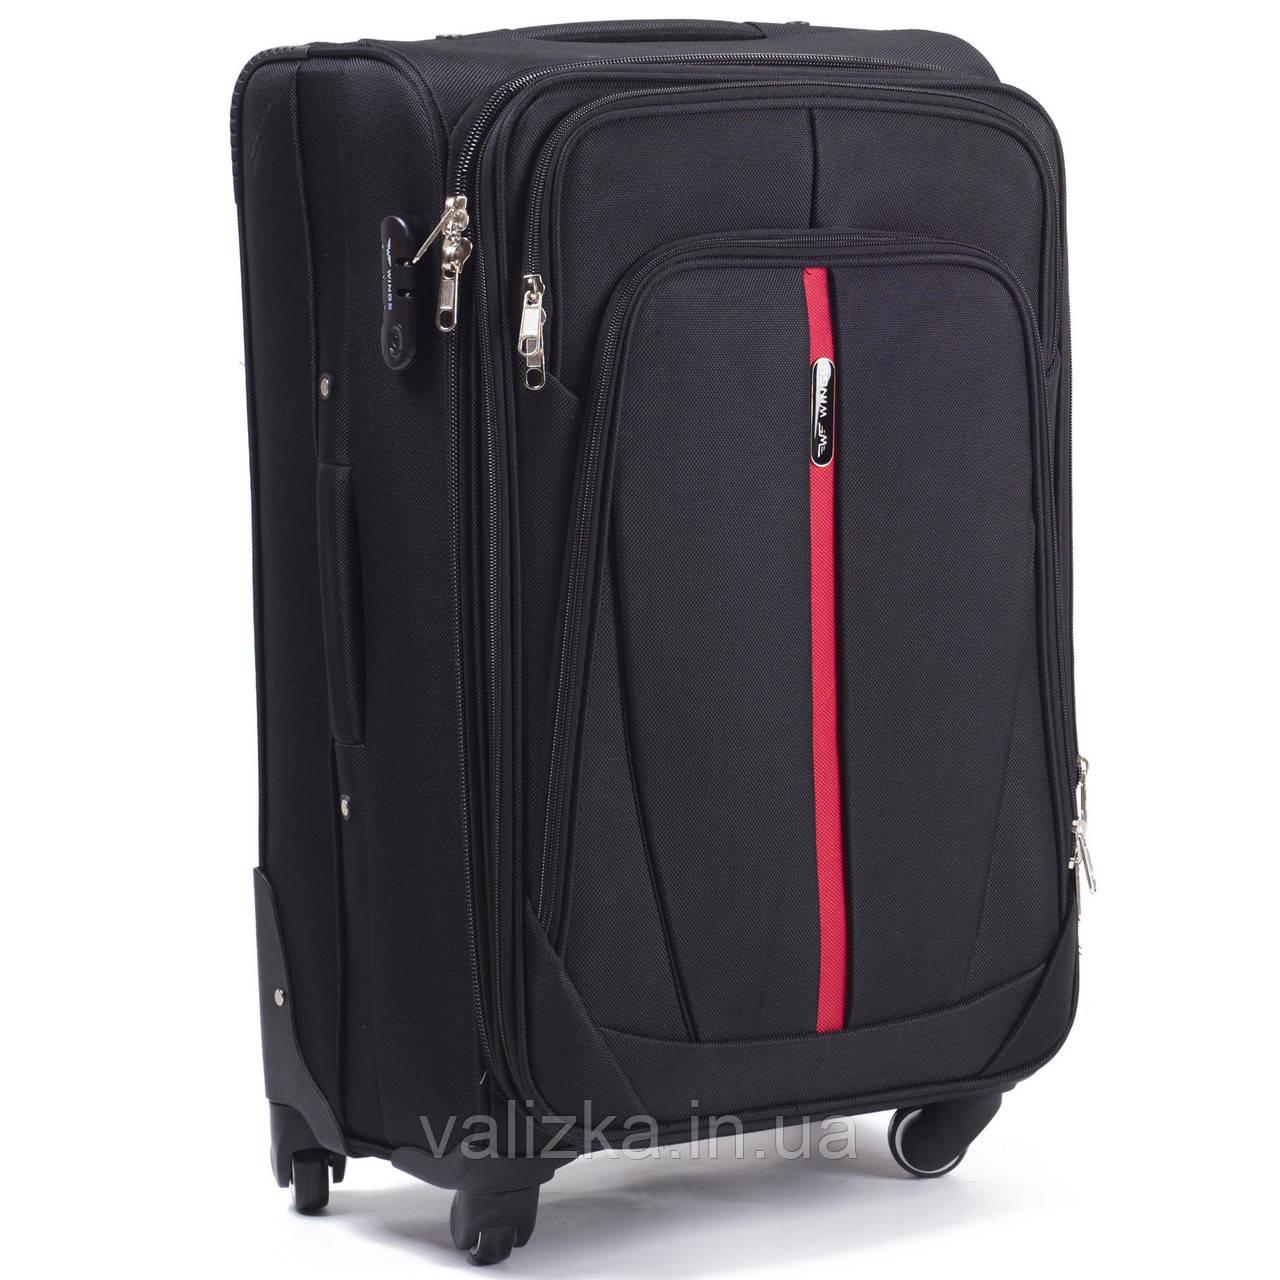 Текстильный чемодан маленький для ручной клади на 4-х колесах Wings 1706 черного цвета.